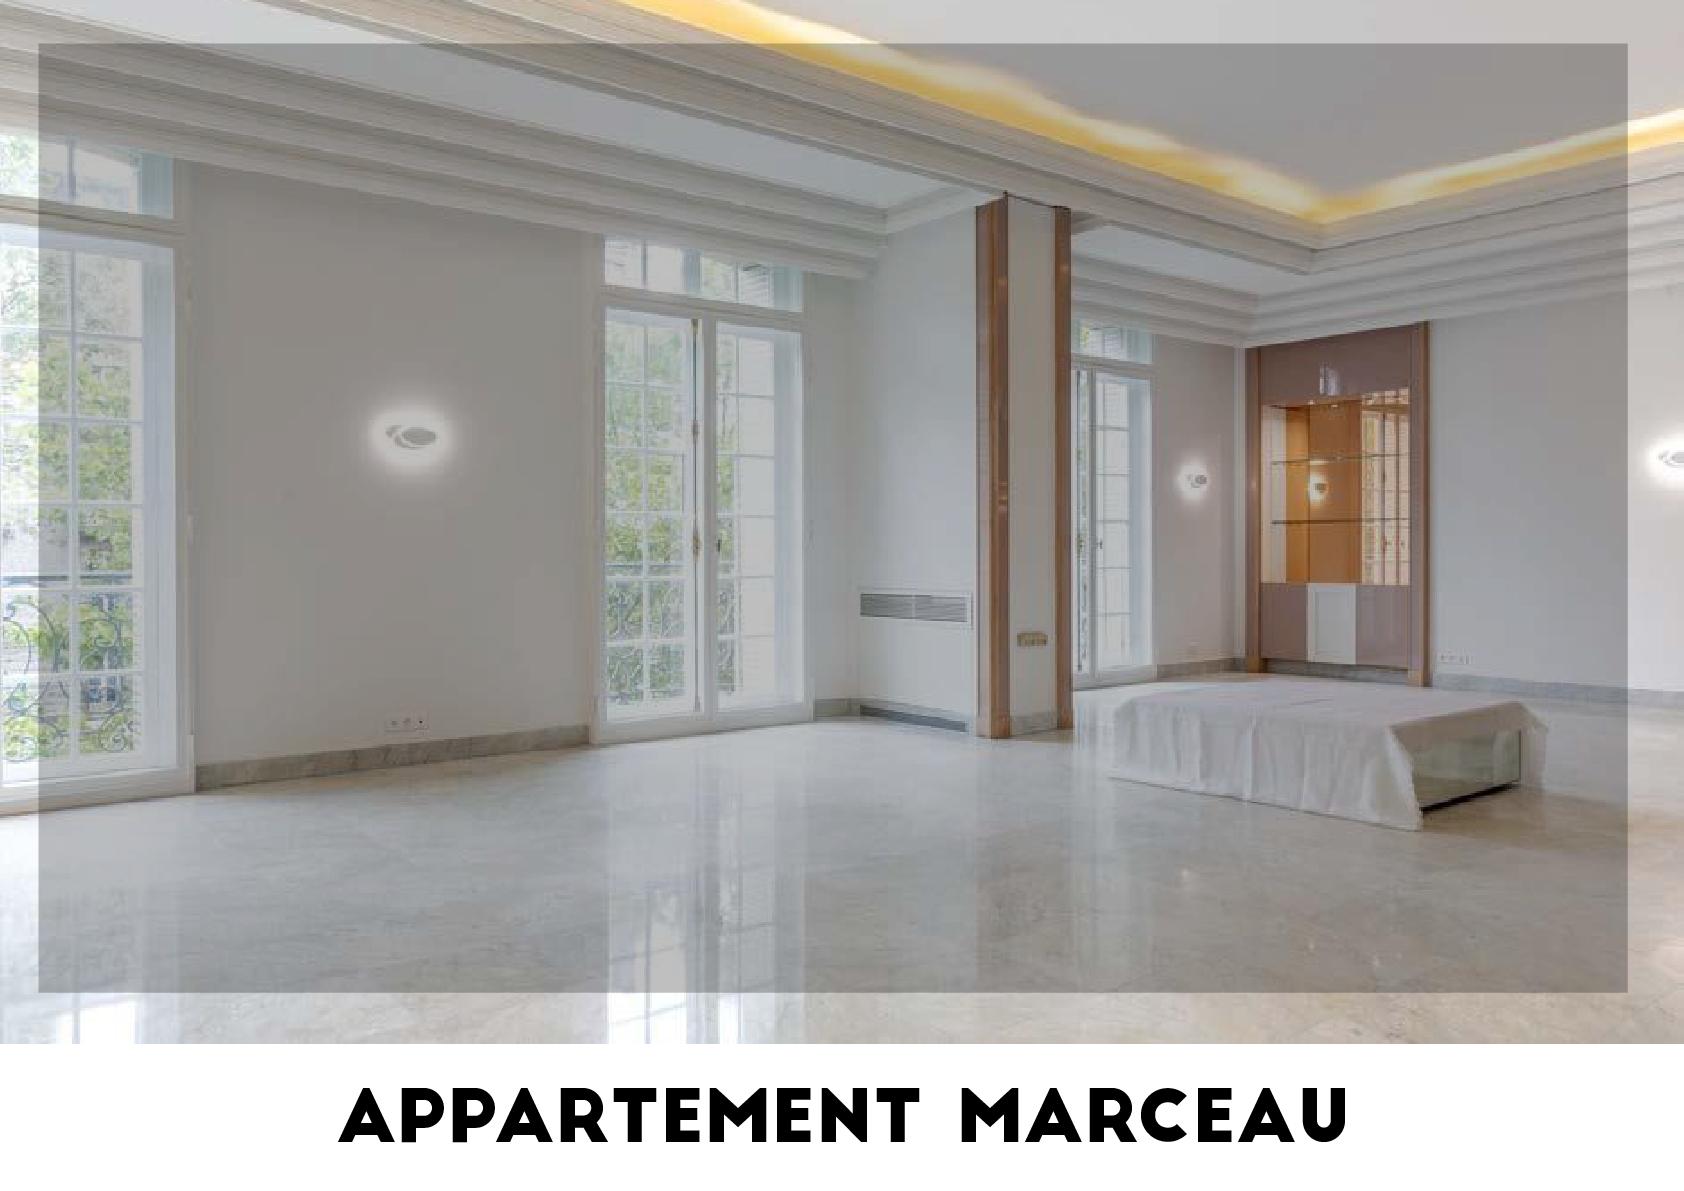 Plateau TV - Appartement Marceau